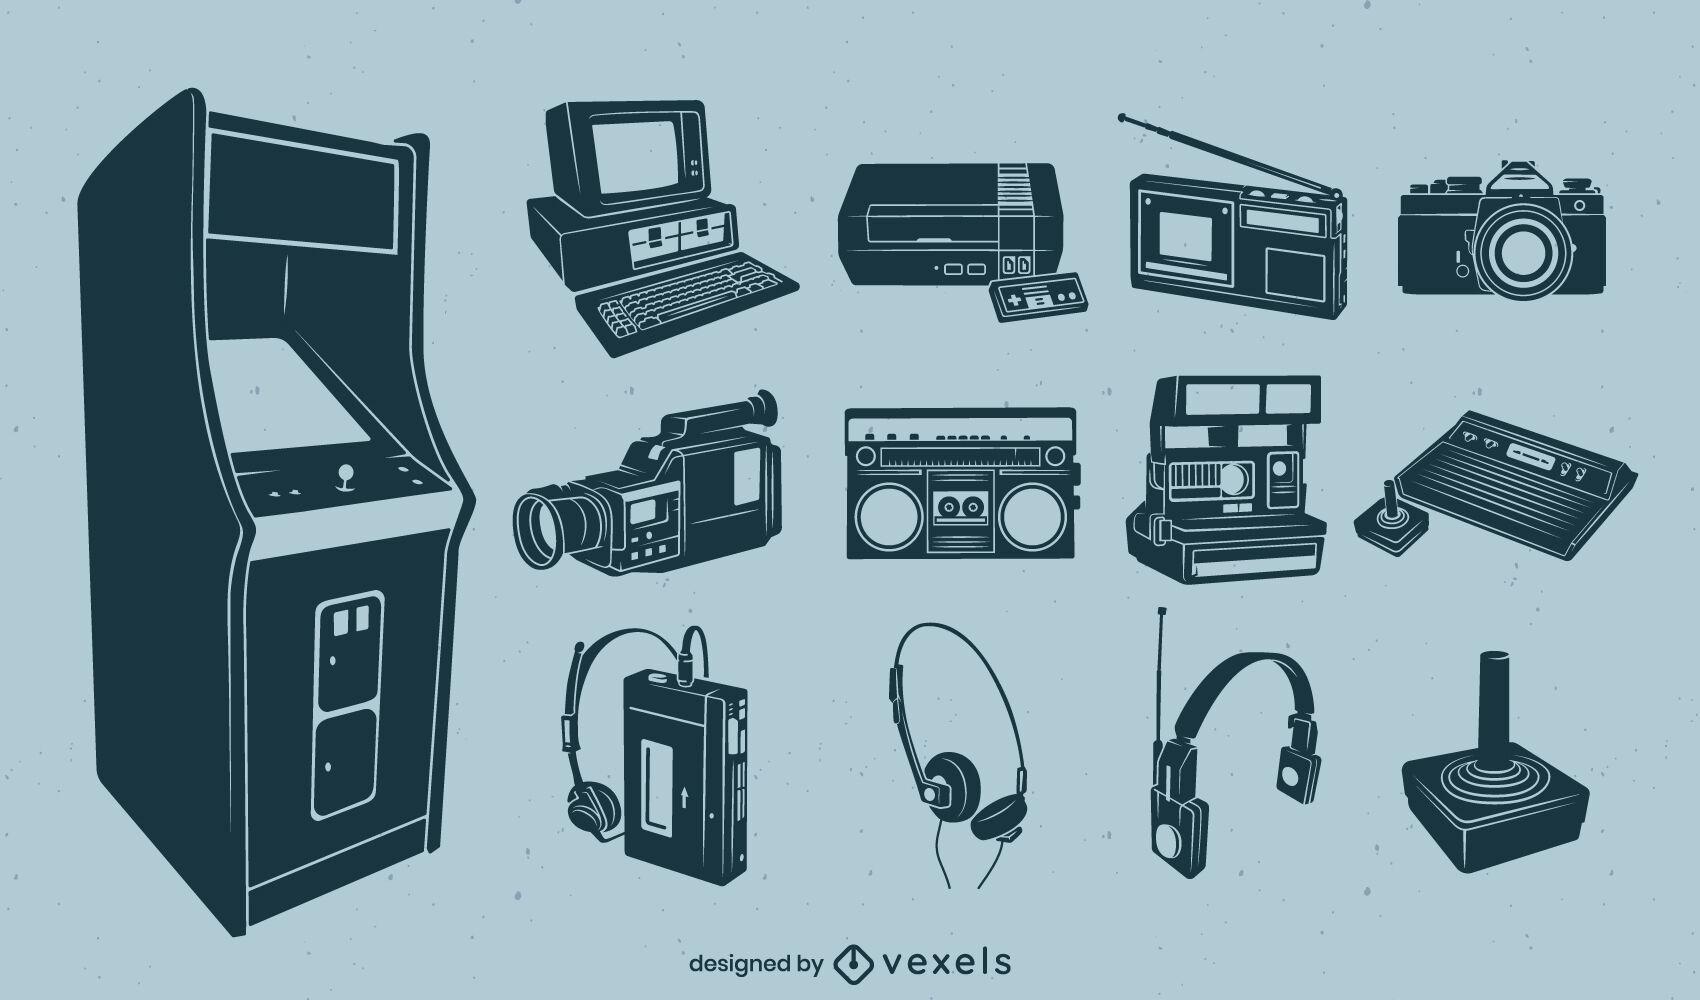 Recorte detalhado de elementos eletrônicos retro